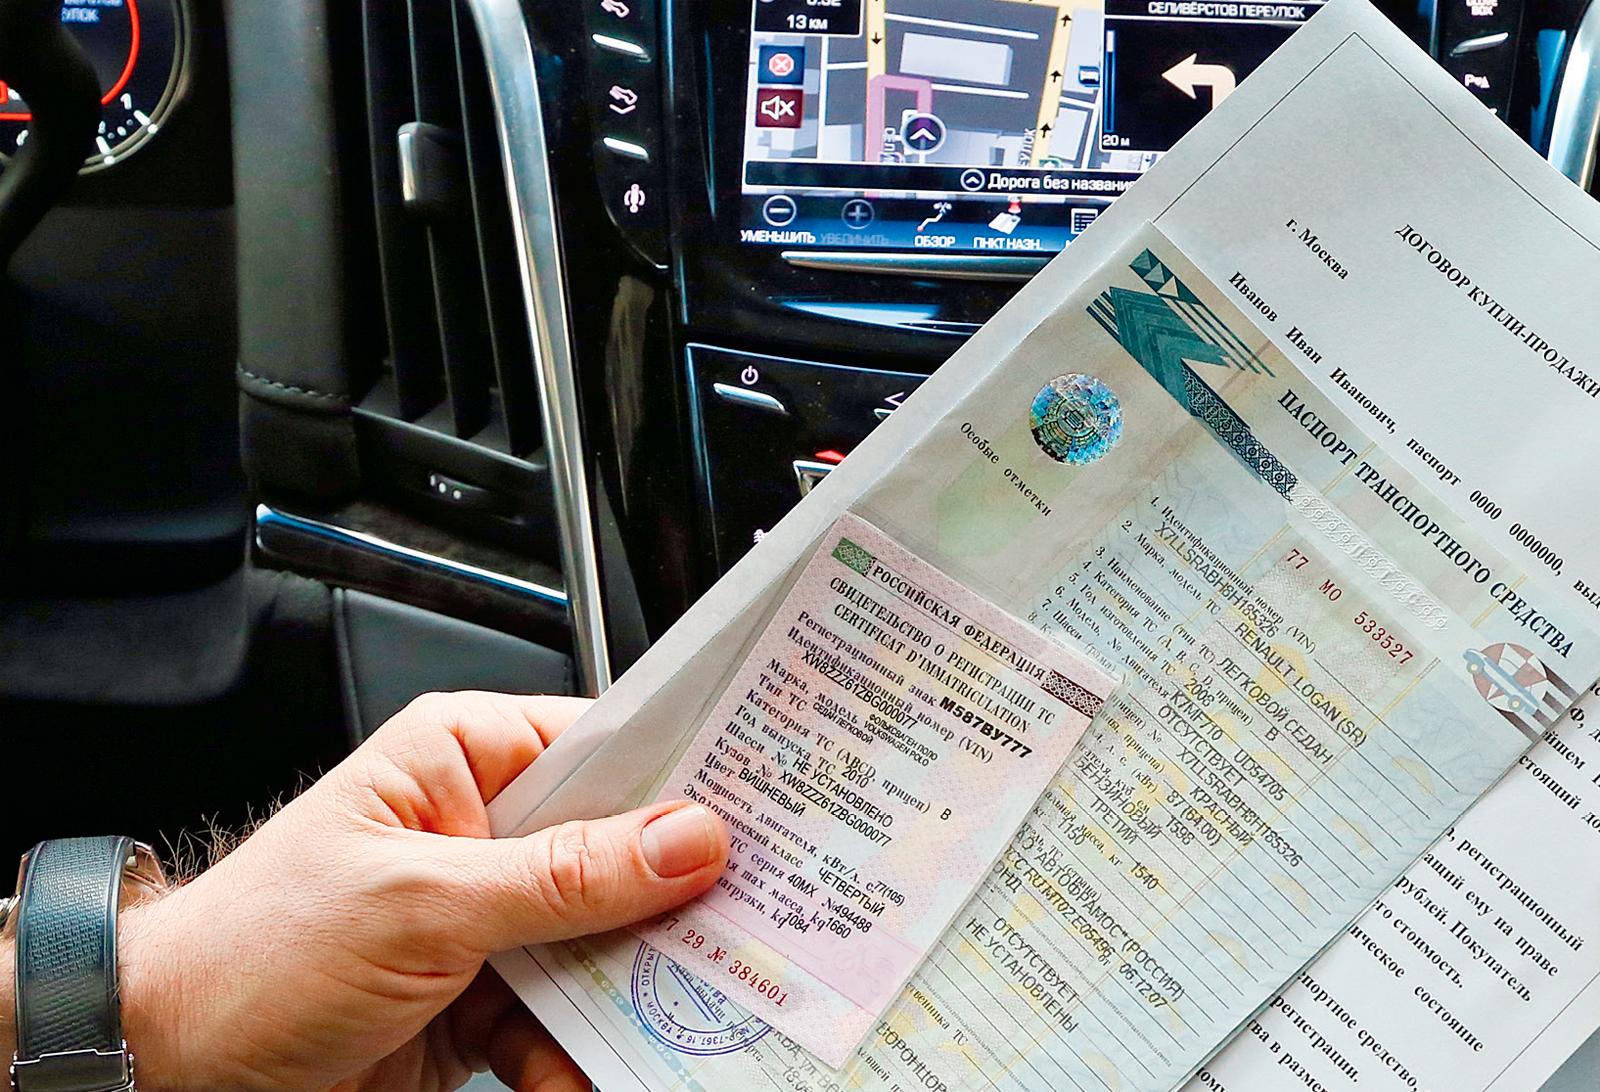 Купить бу авто в кредит: подробная инструкция